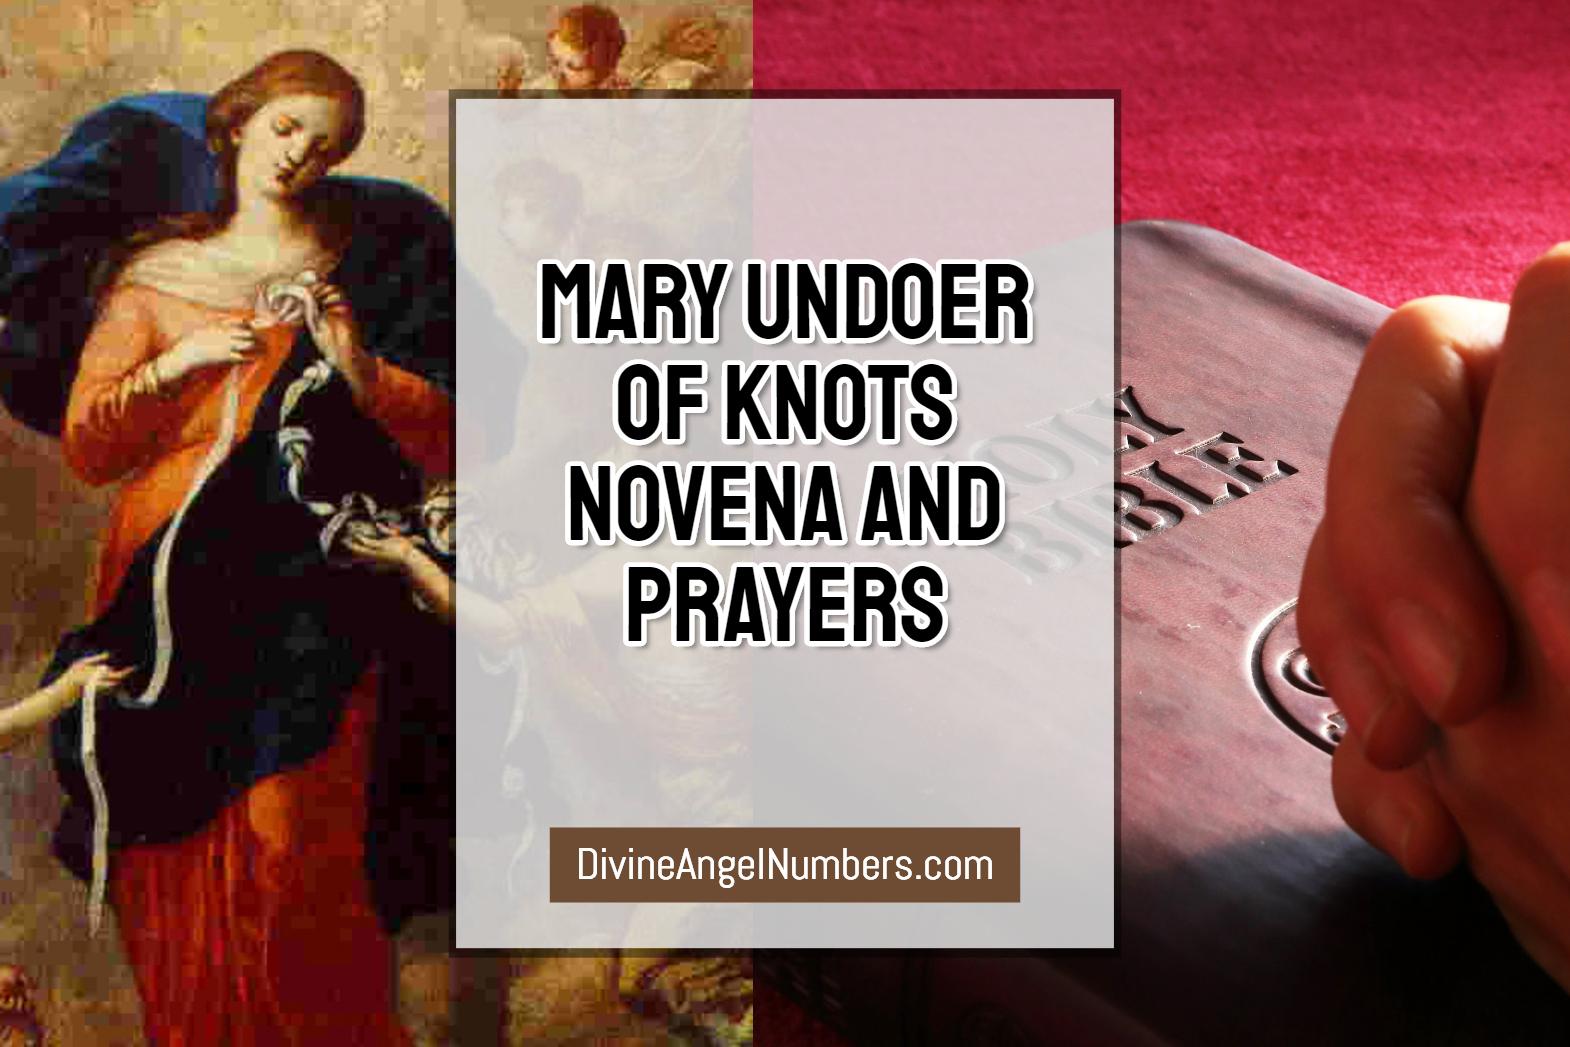 Mary Undoer of Knots Novena And Prayers